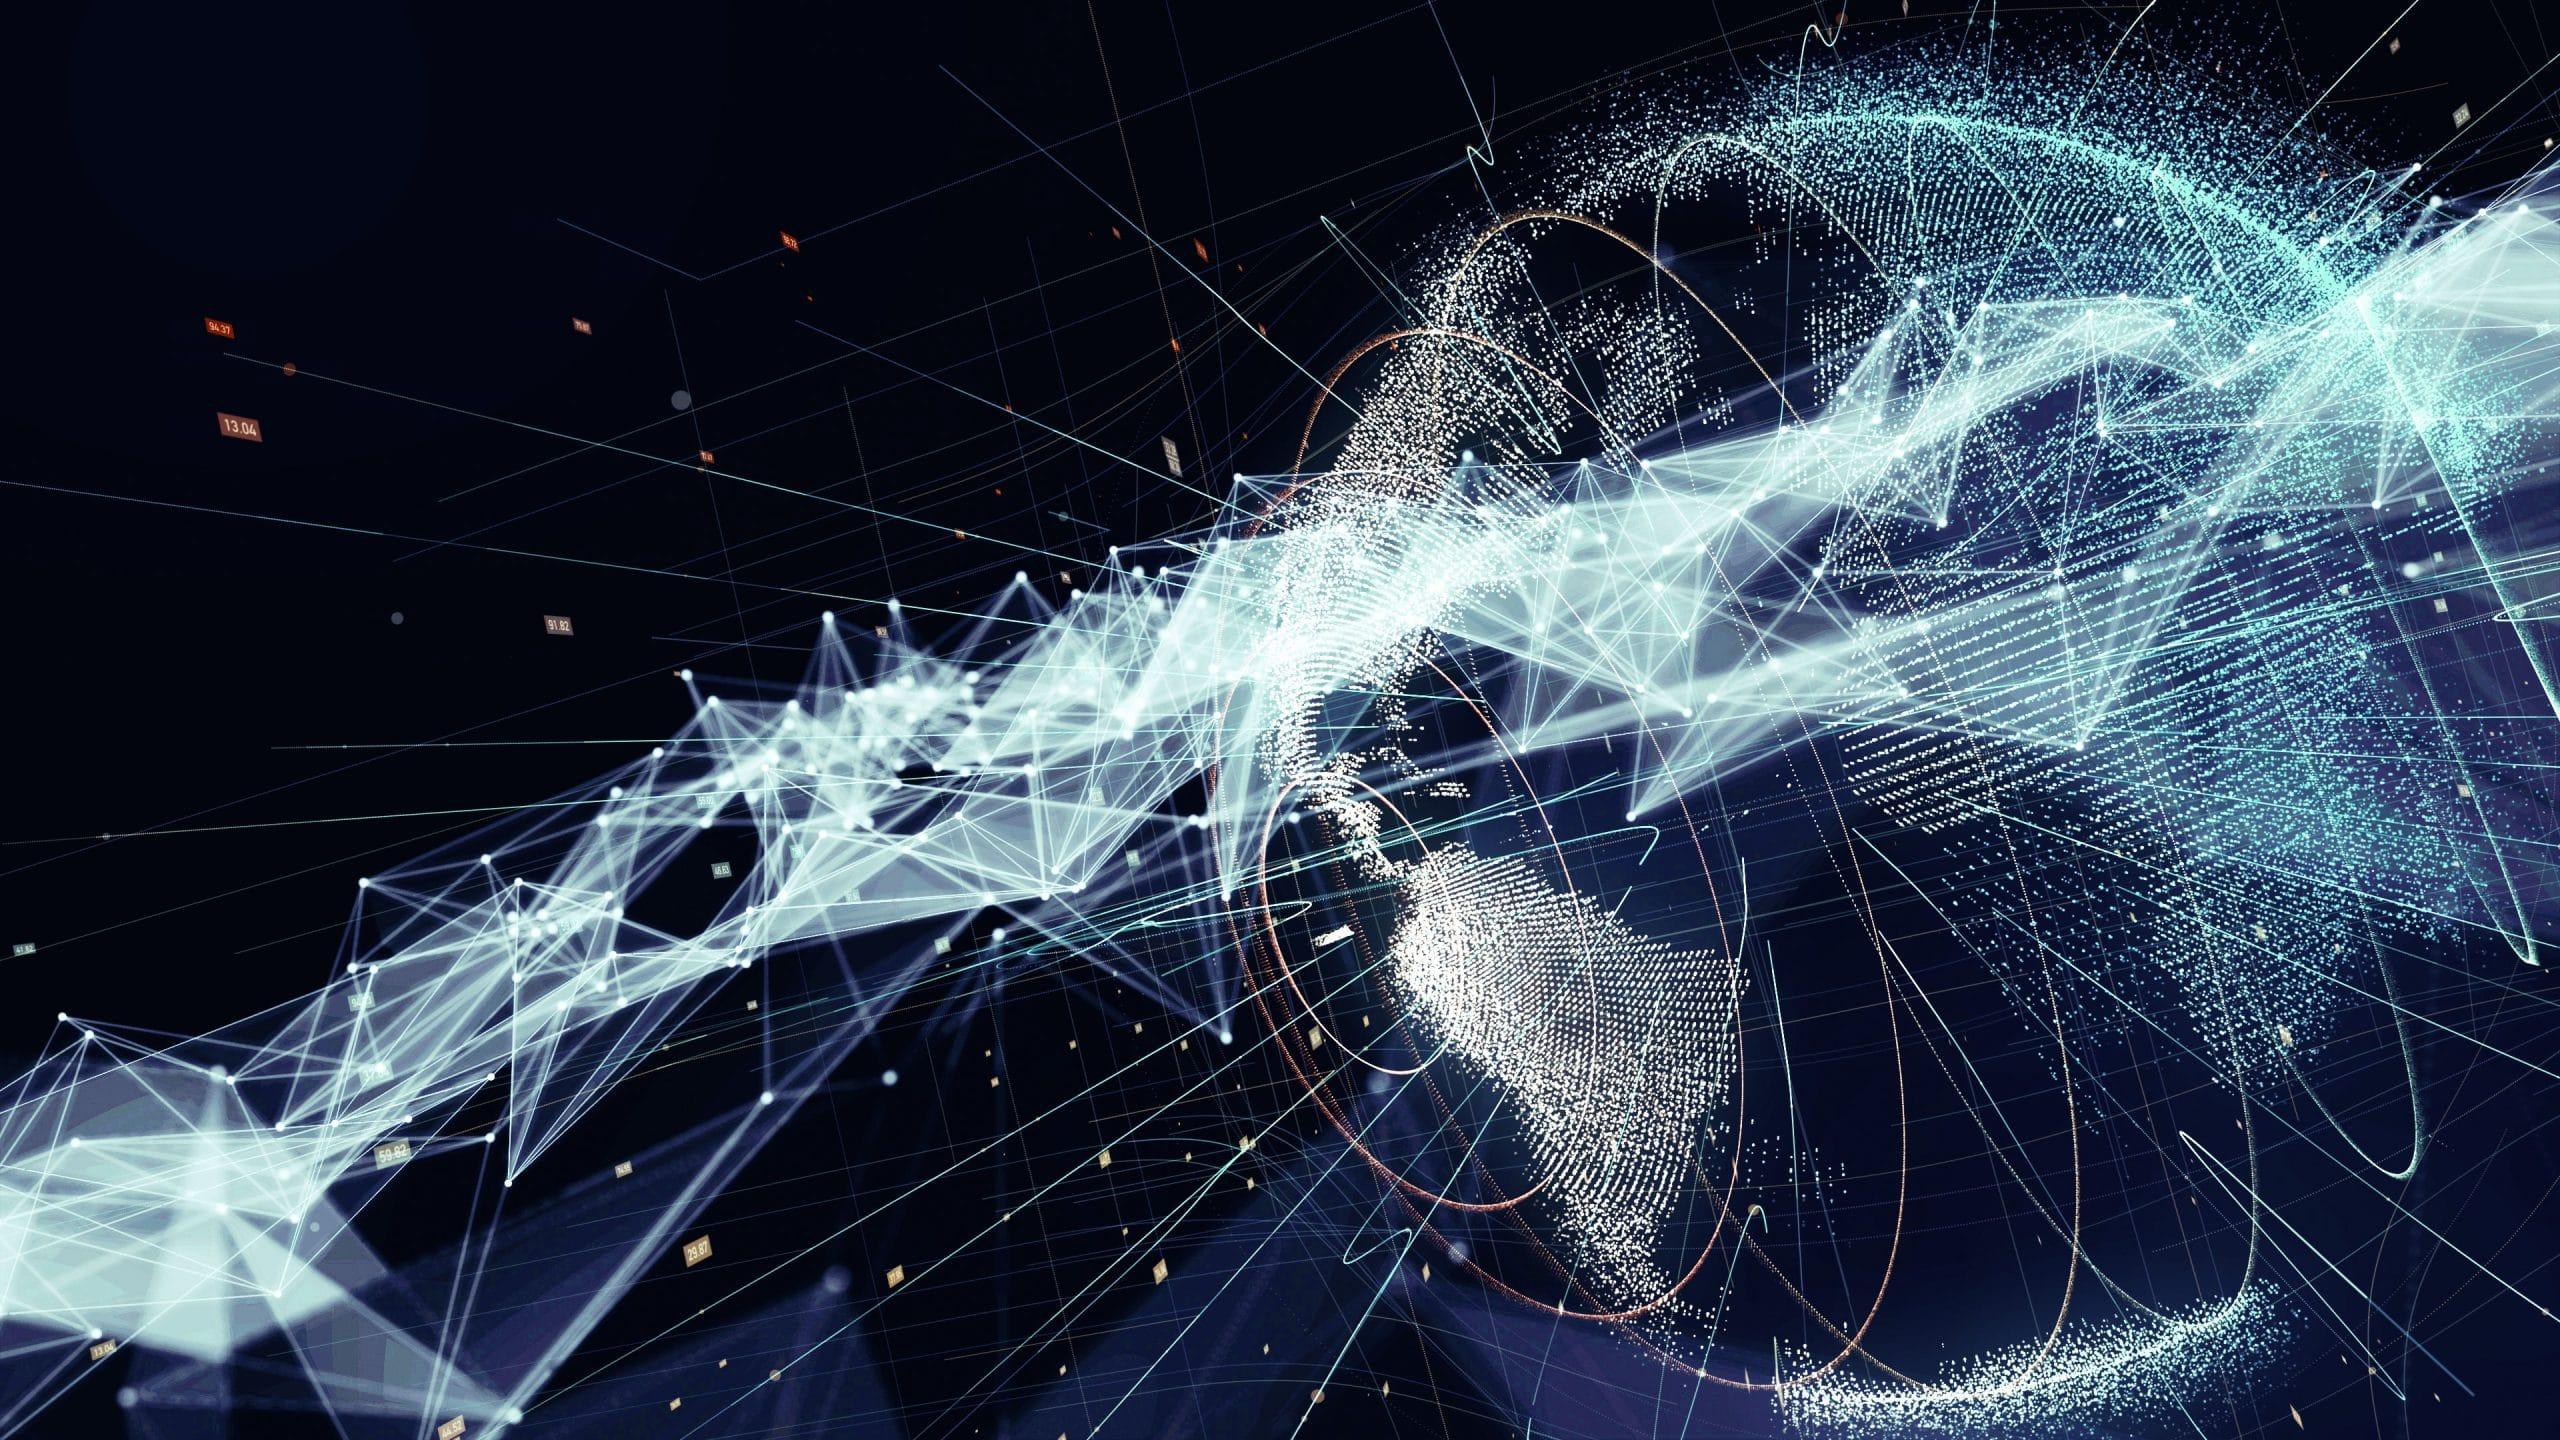 Brasil tem alto consumo de inteligência artificial, mas falta pesquisa